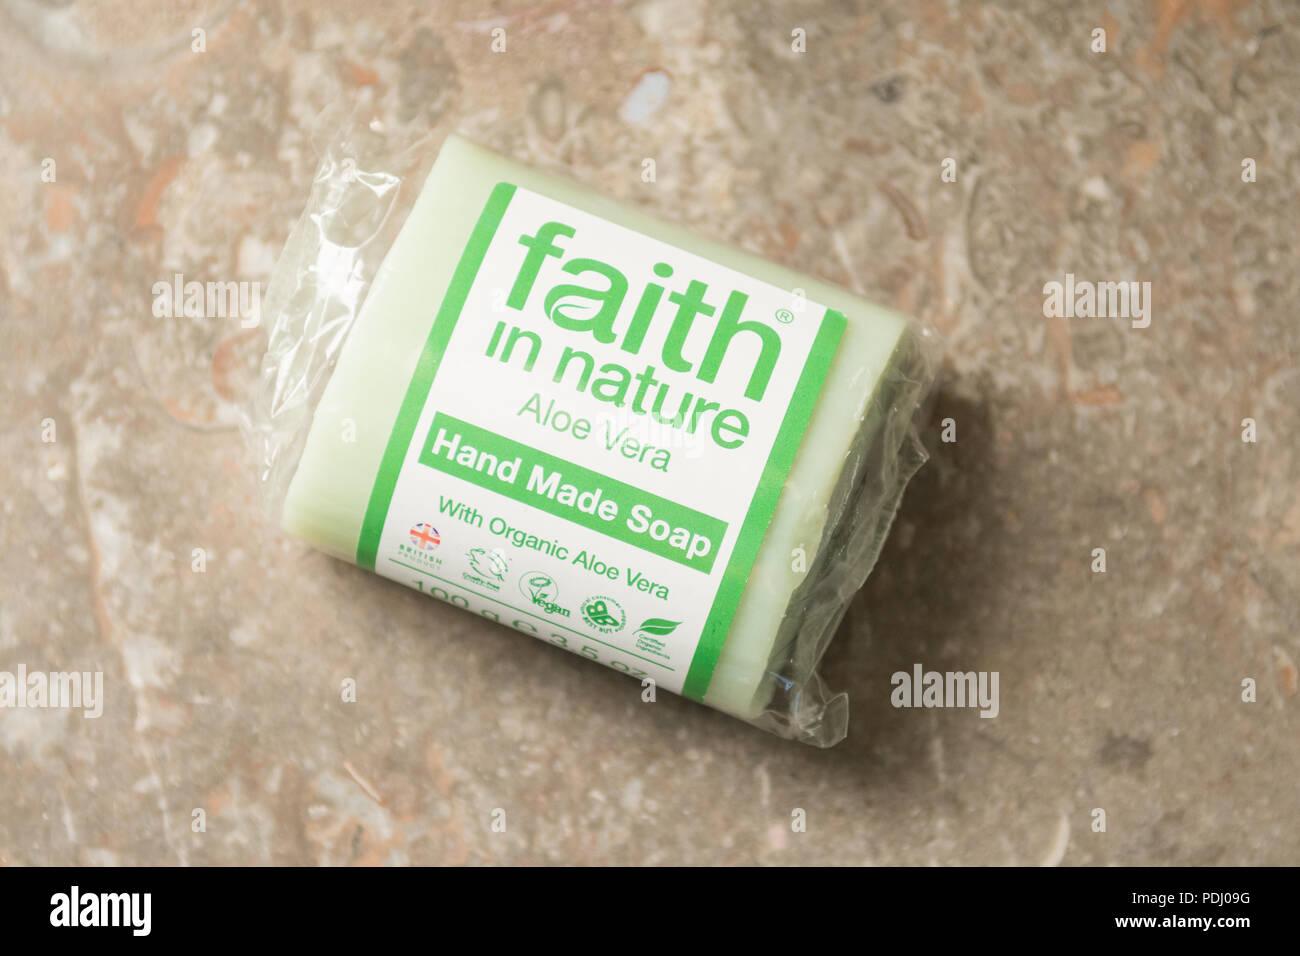 La fe en la naturaleza sólida barra de jabón hecho con aceite de palma sostenible Imagen De Stock